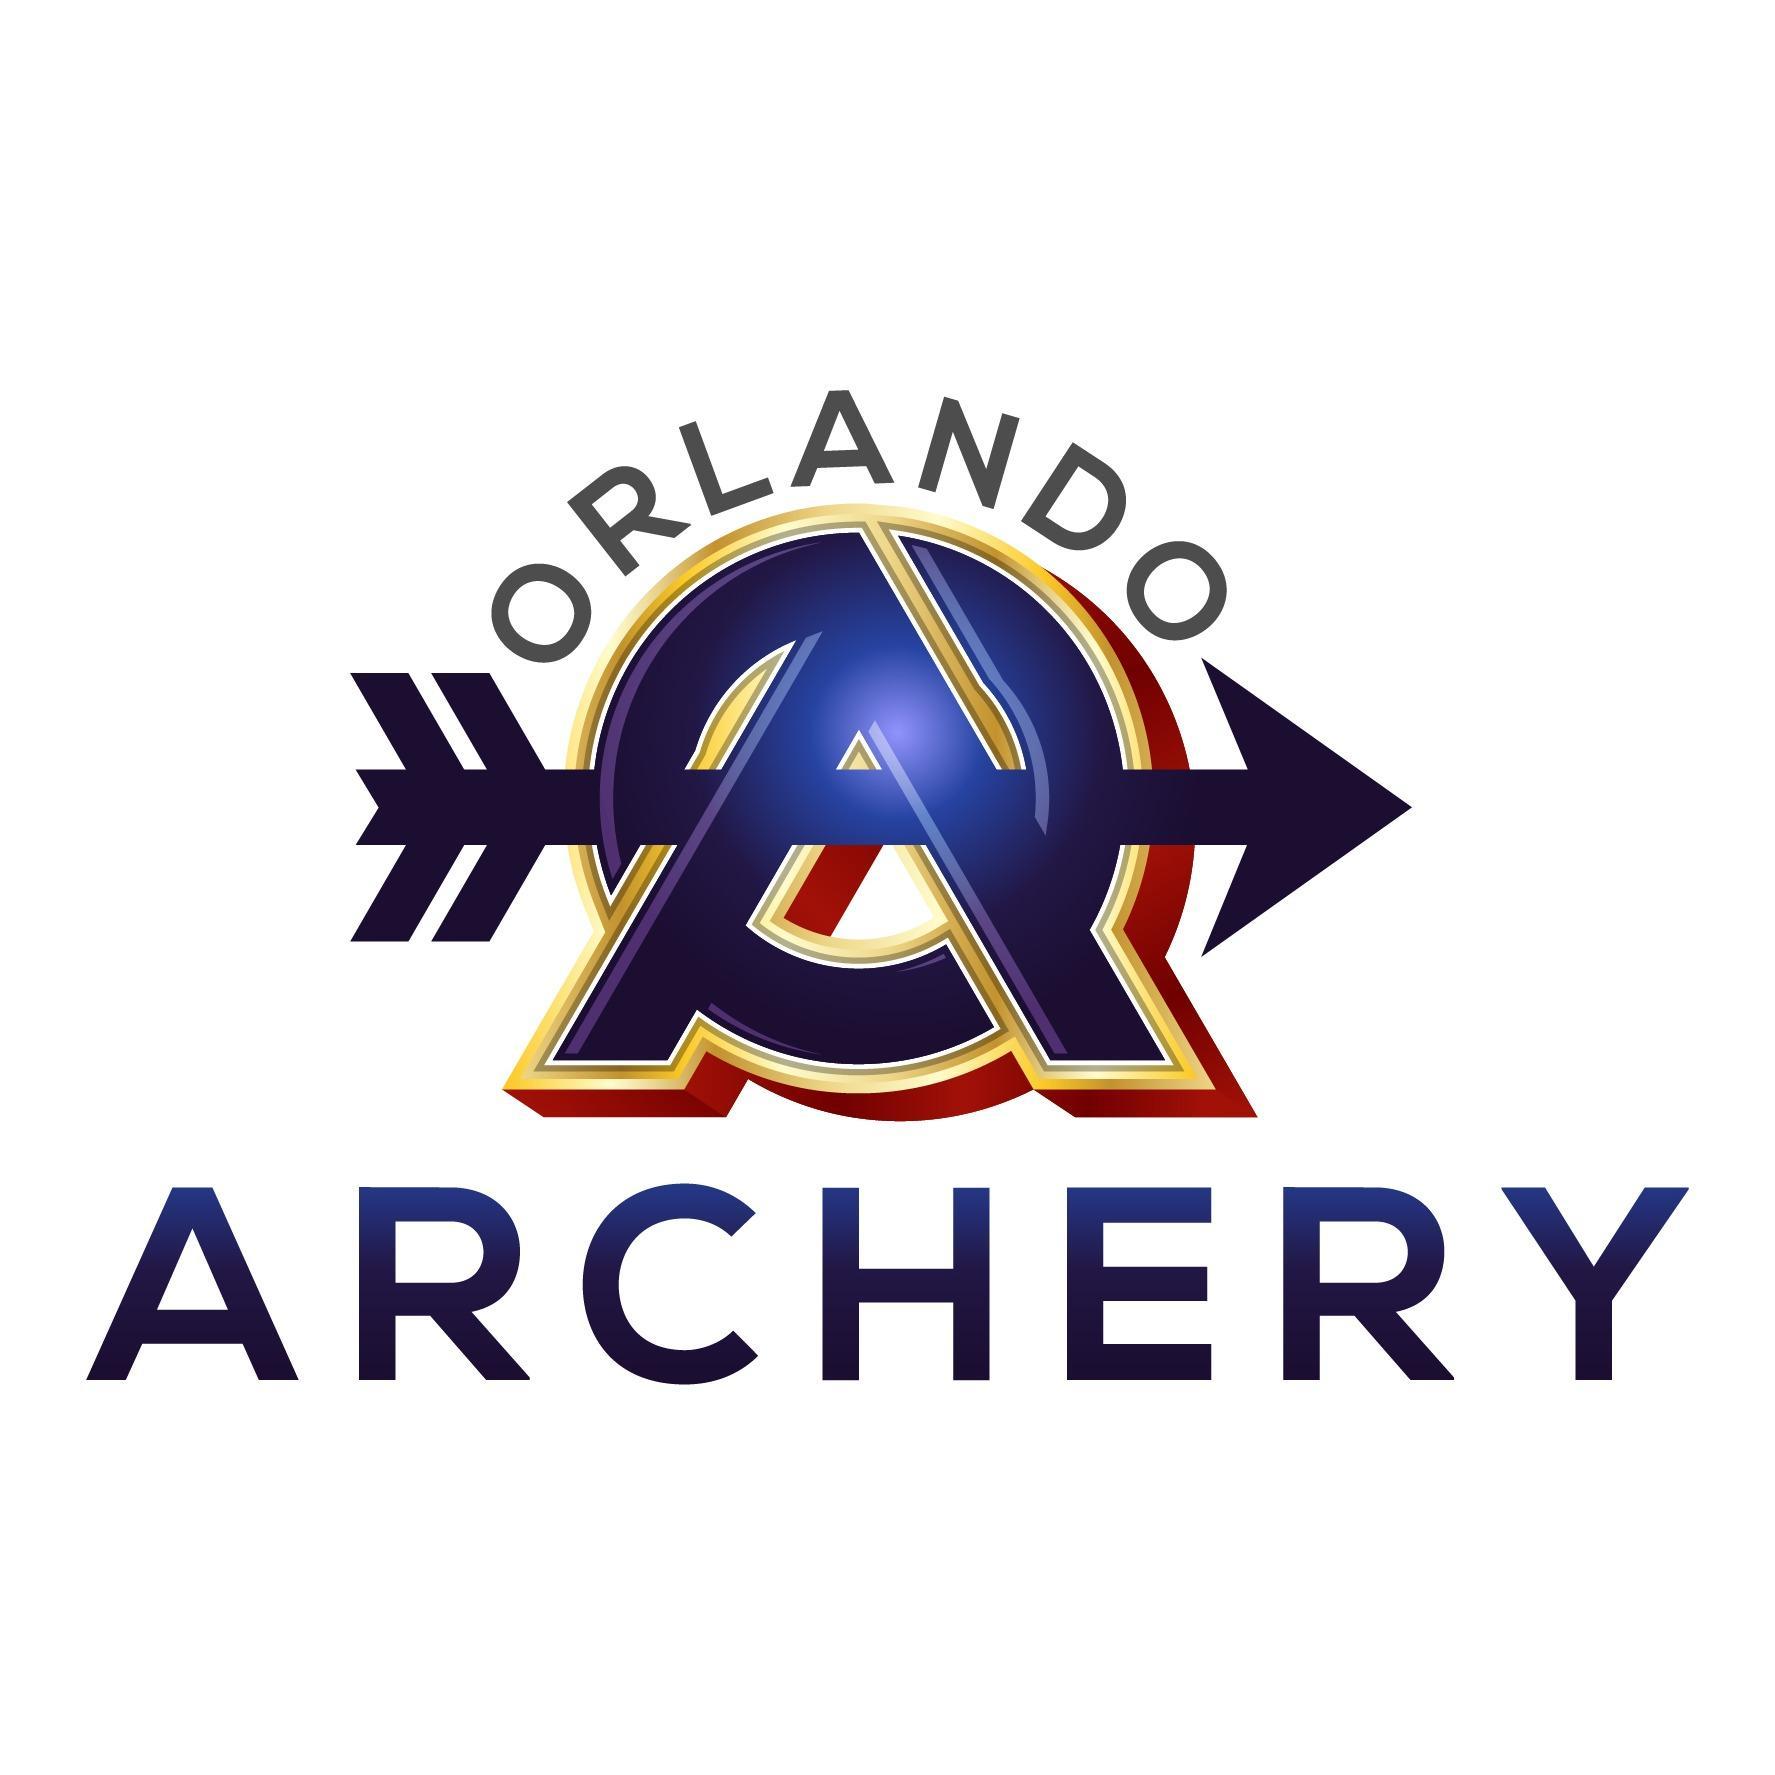 Orlando Archery Academy - Orlando, FL 32806 - (407)329-9382 | ShowMeLocal.com